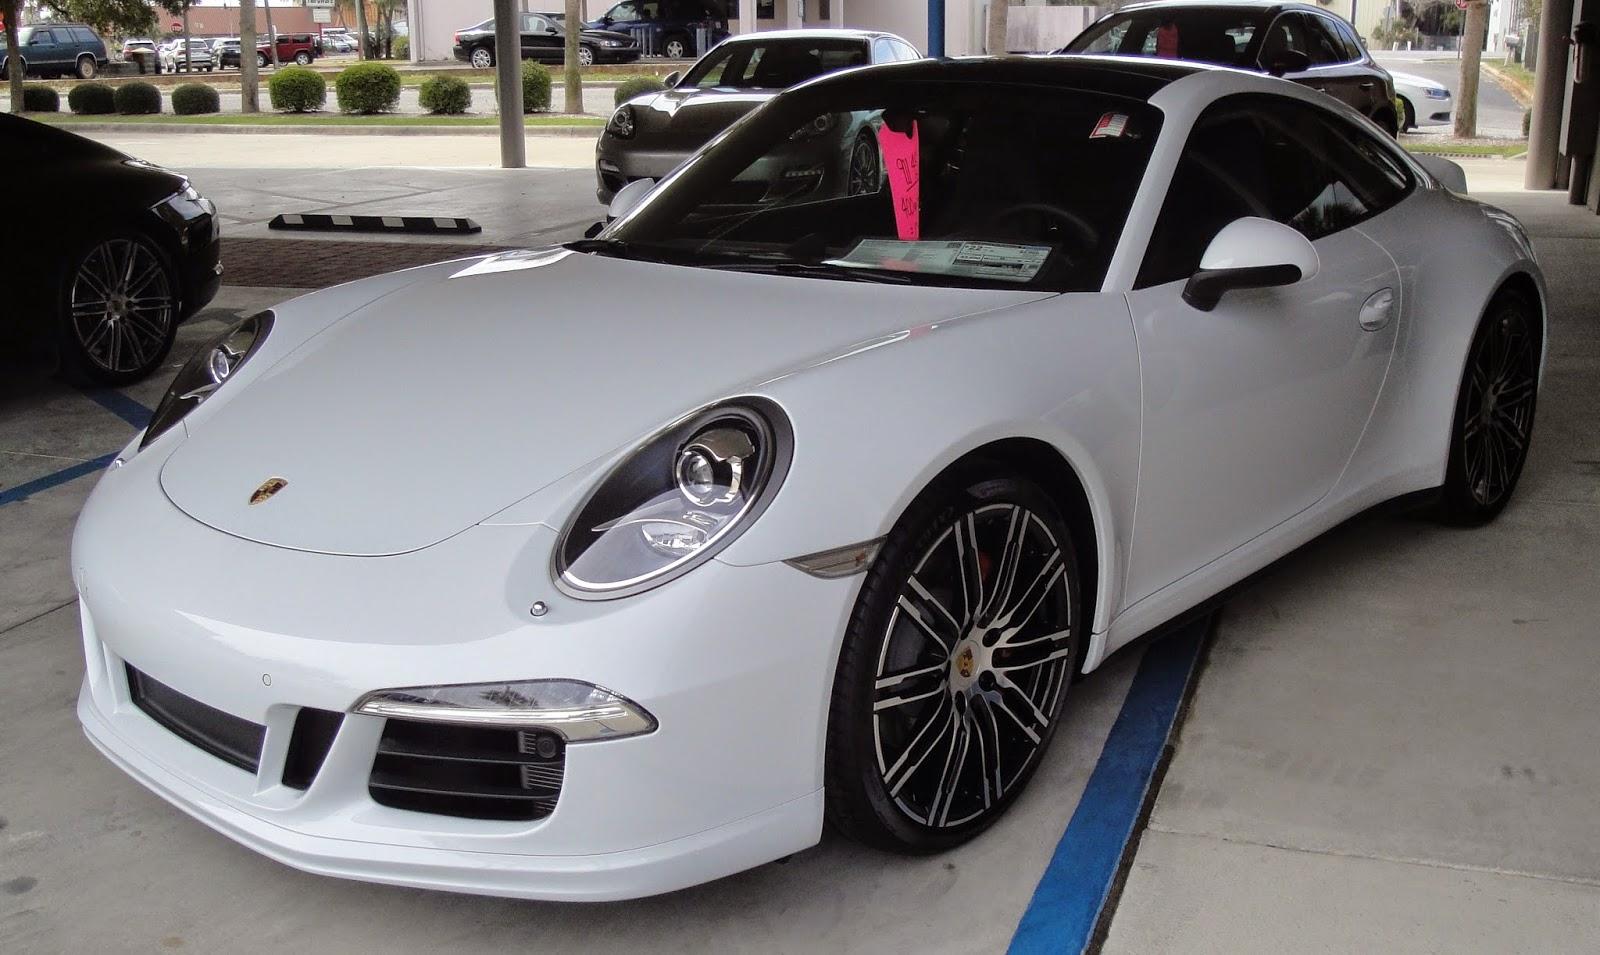 2015 porsche 911 carrera 4s carrera white mettalic with black interior - 911 Porsche 2015 White